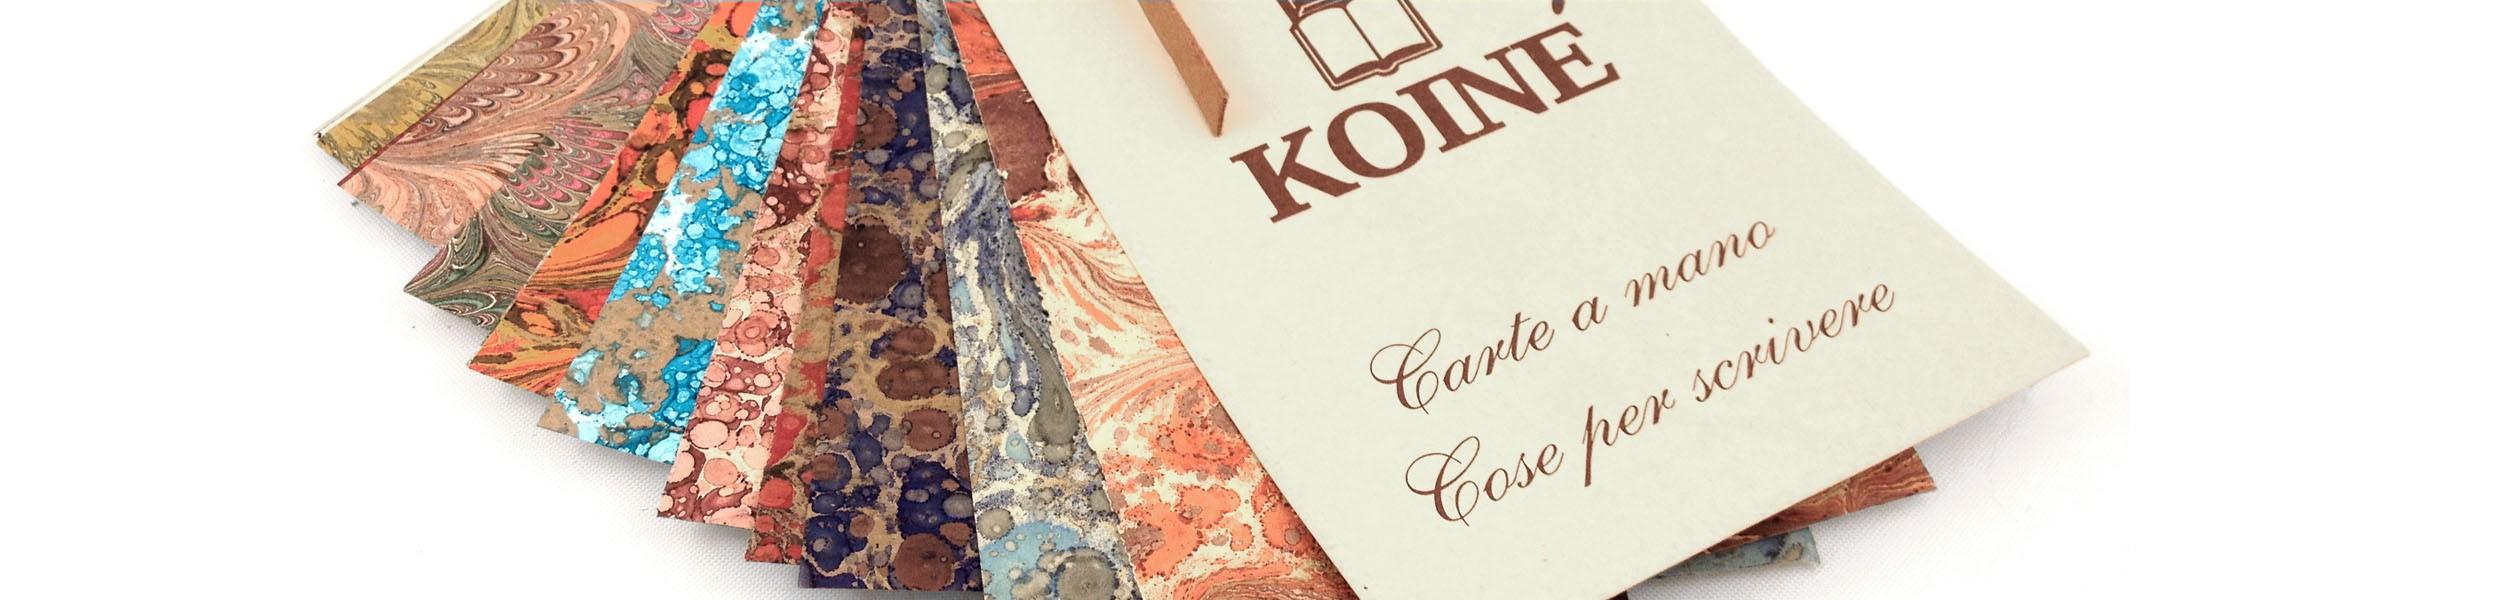 Carte a mano: la magia del colore sposa la calda tonalità del cuoio.